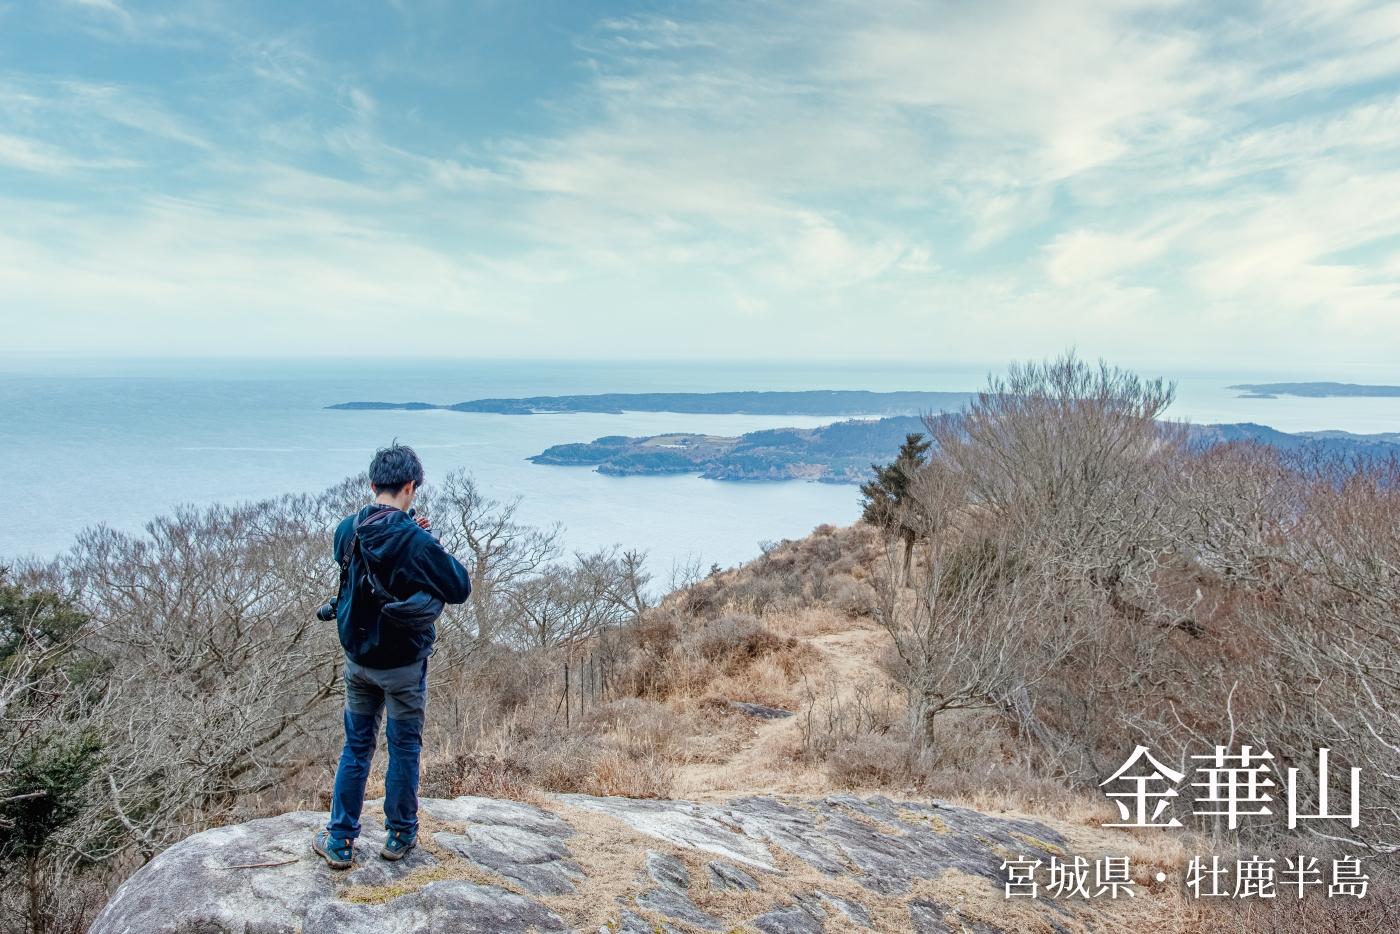 金華山登山 ~宮城の島山「金華山」と牡鹿半島キャンプ~